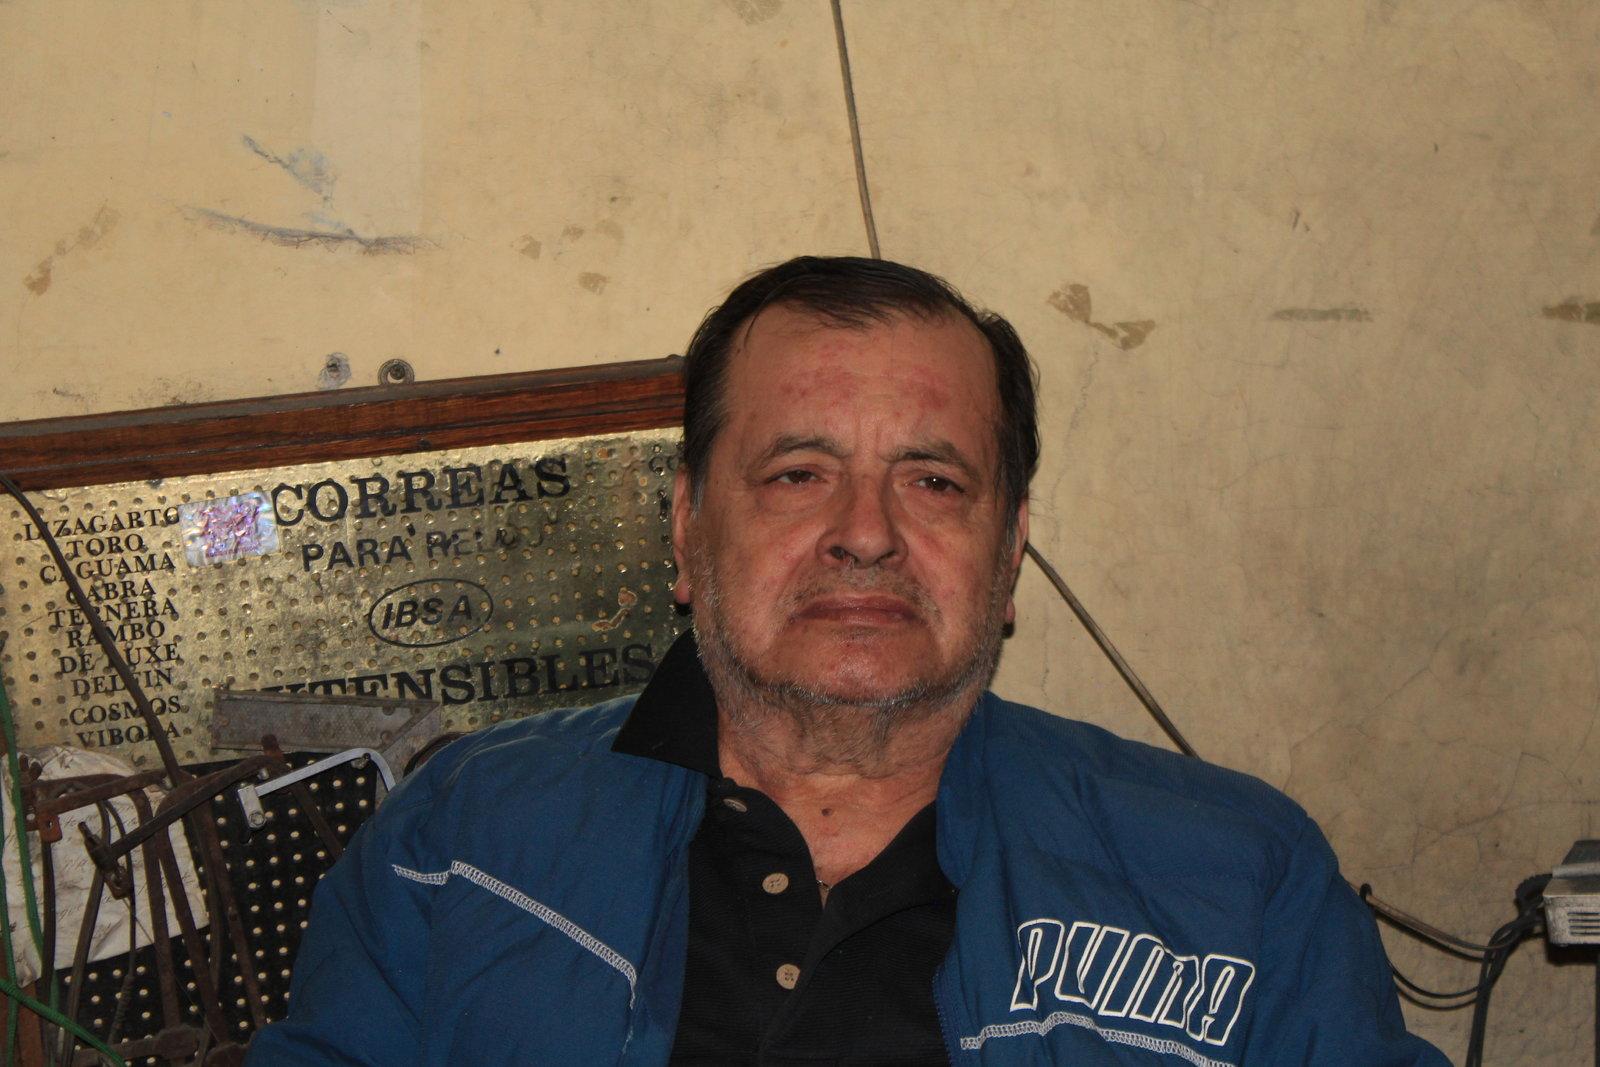 Entre joyas y diamantes, Don José labra su vida en Monclova